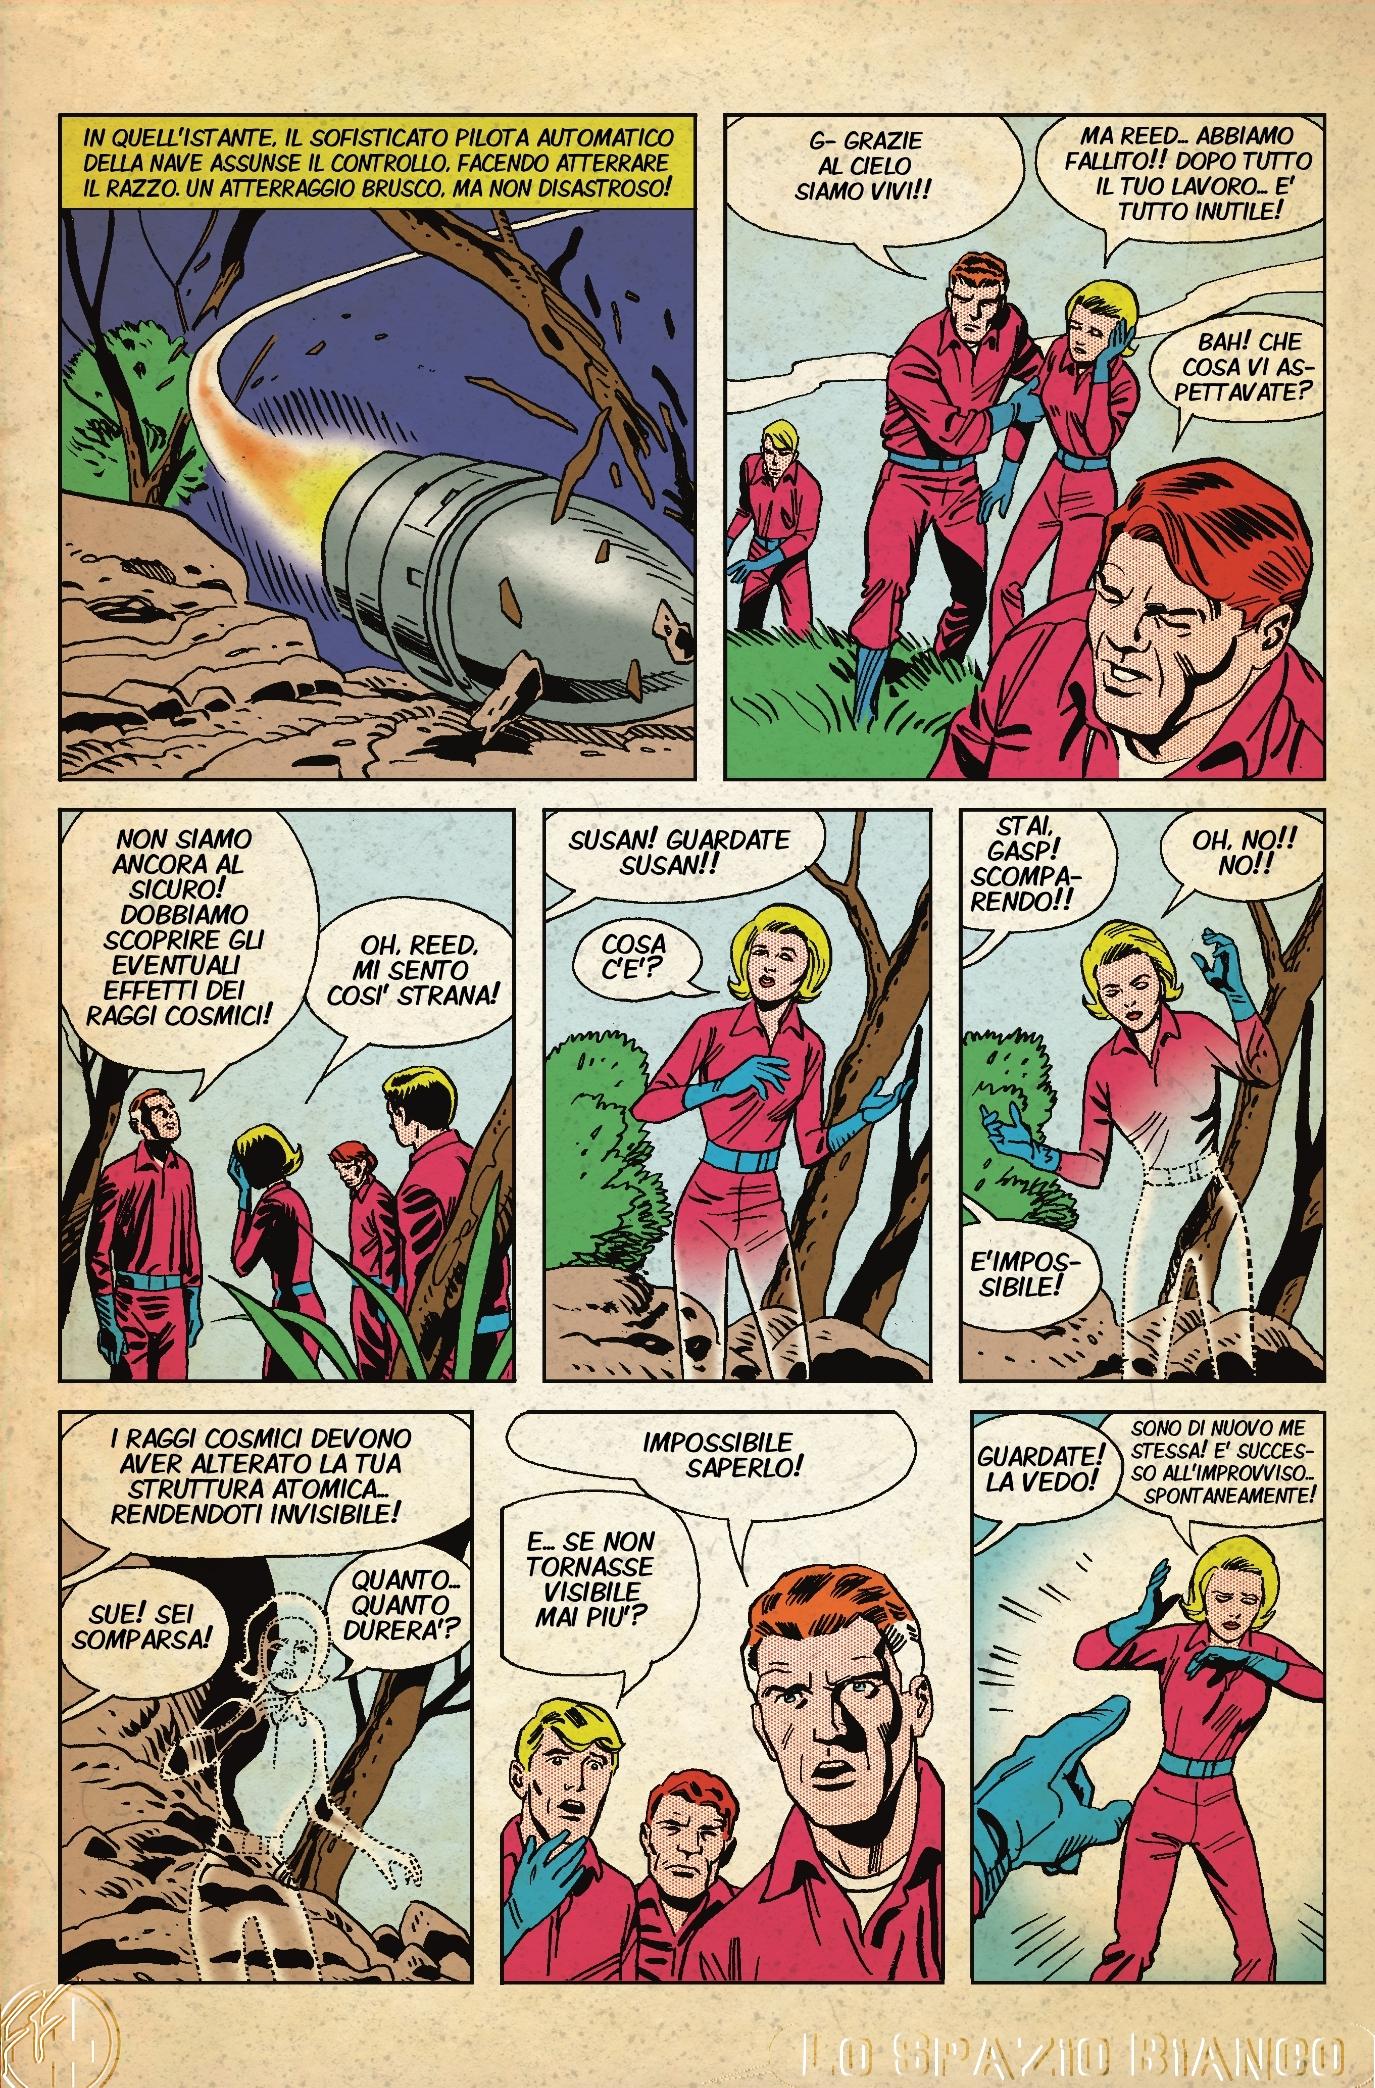 Fantastici Quattro n.1 Tavola 11 (Luigi Coppola)